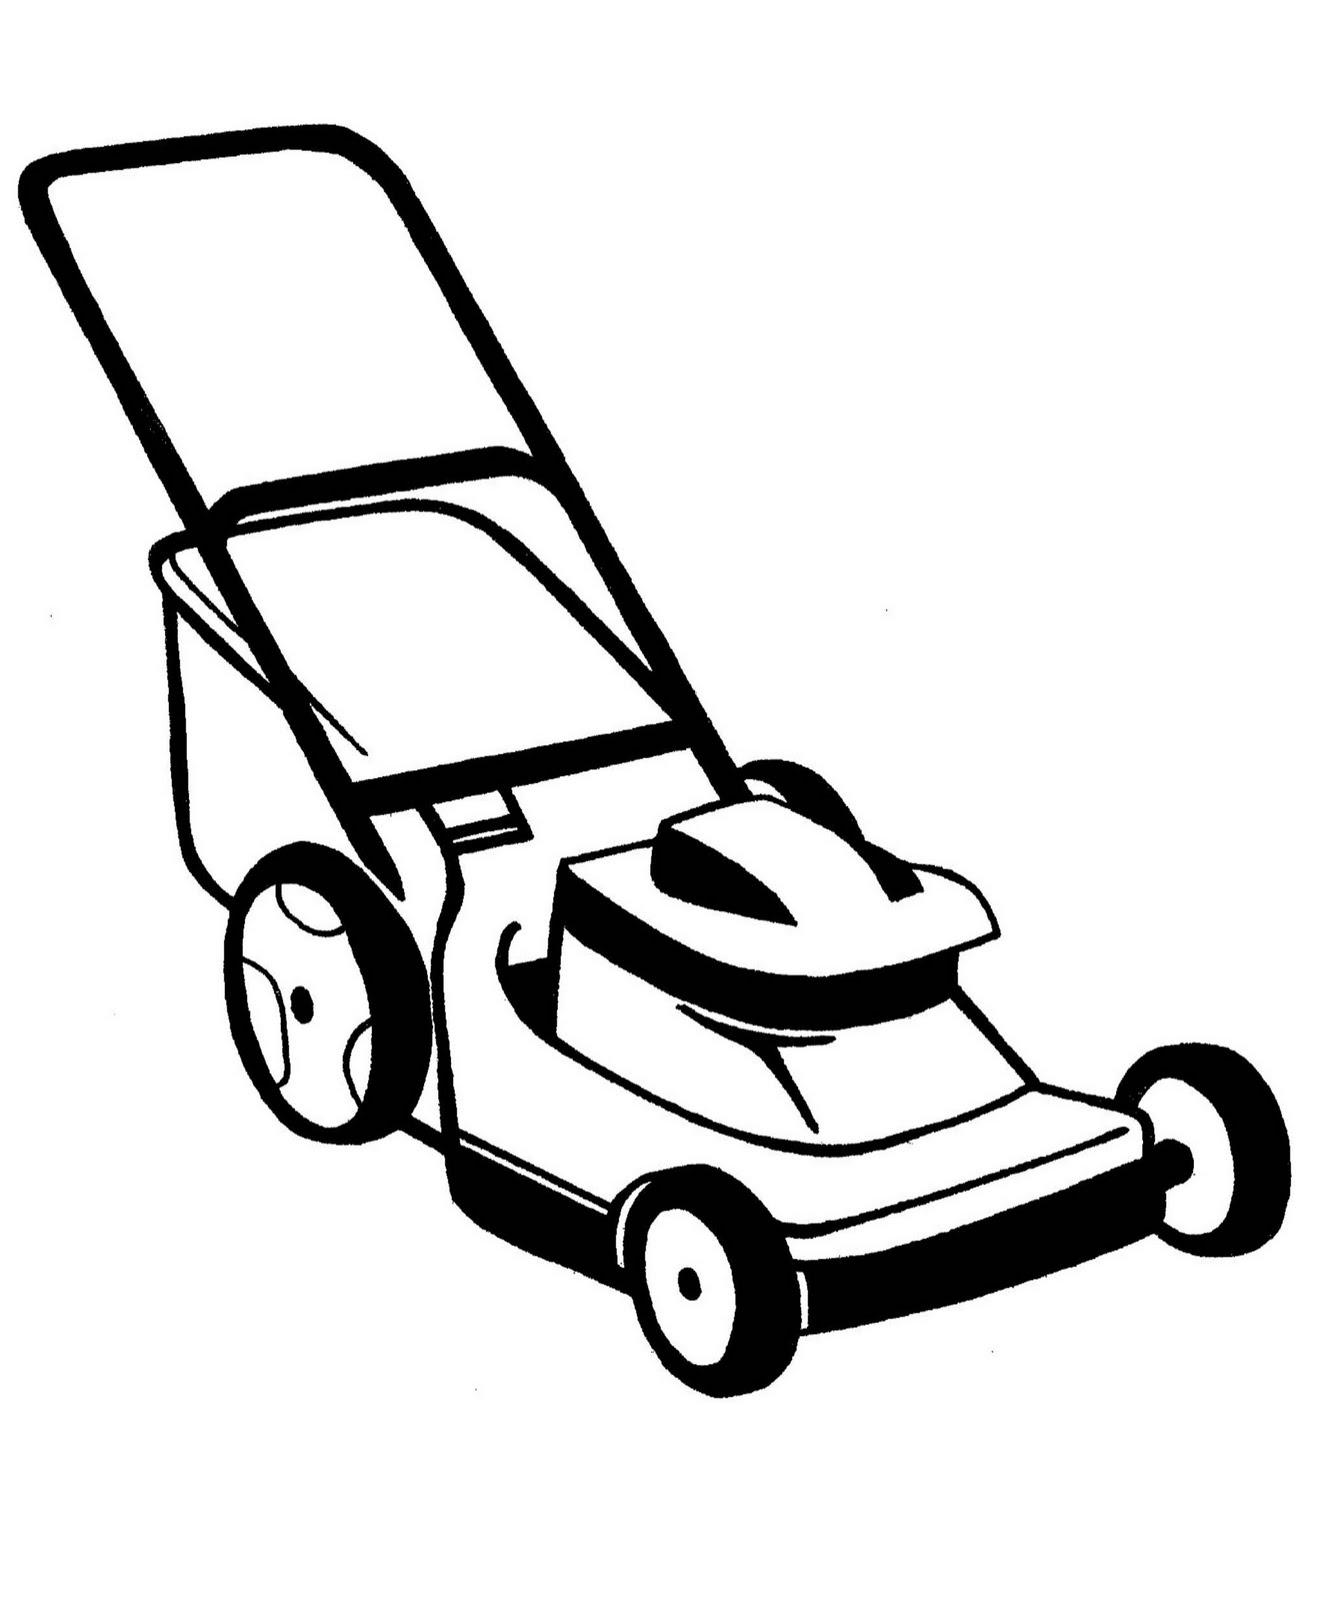 Push mower clipart.